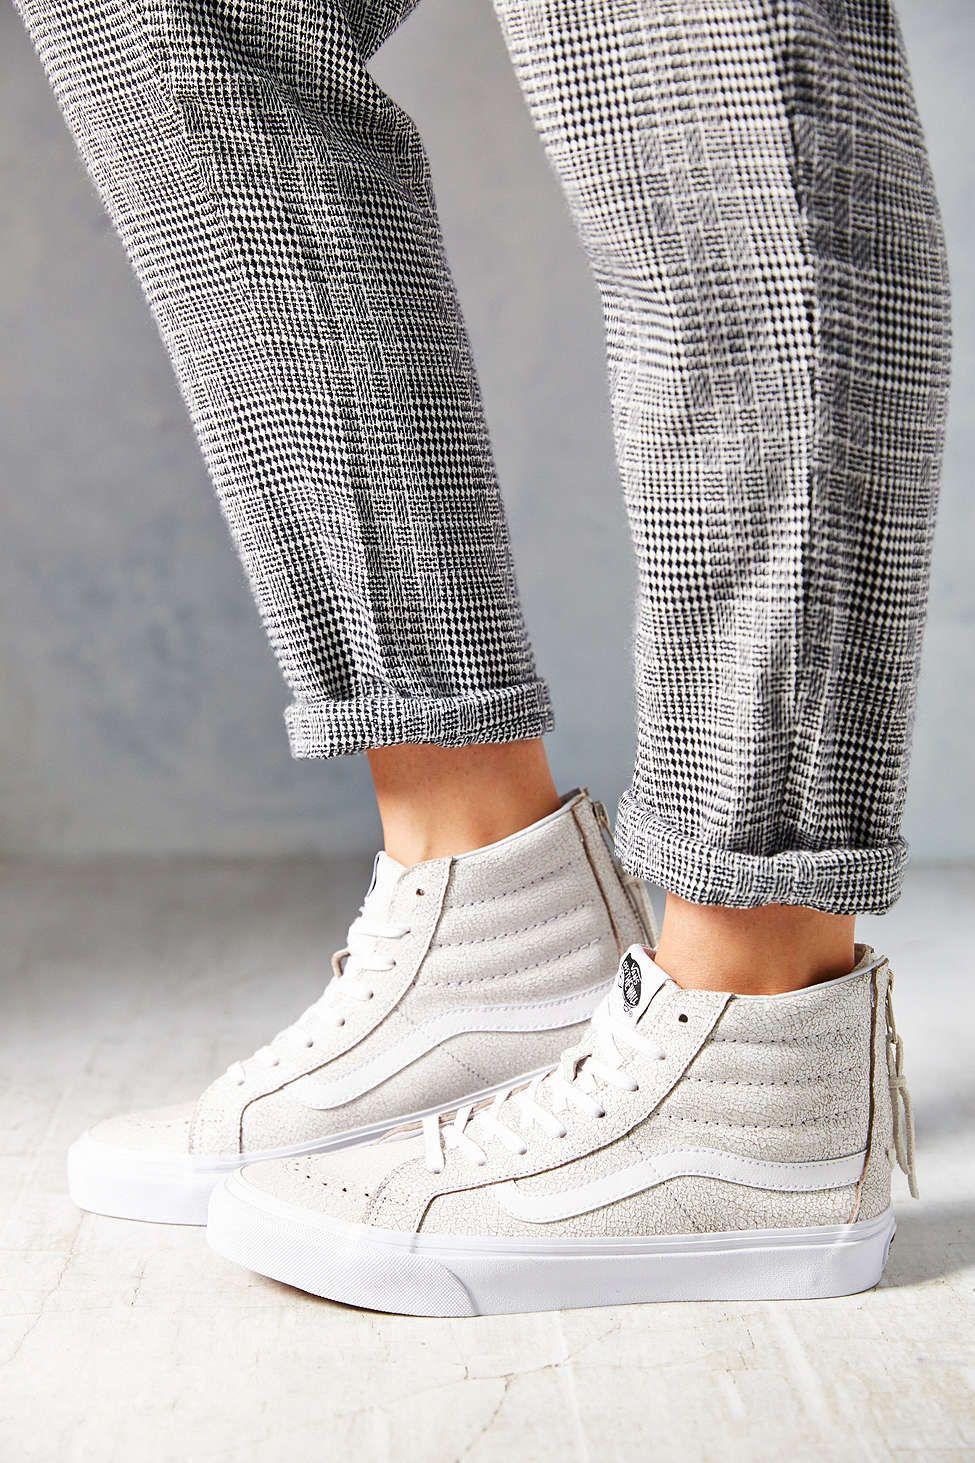 aee38974197e Vans Crackle Suede Sk8-Hi Women s High-Top Sneaker